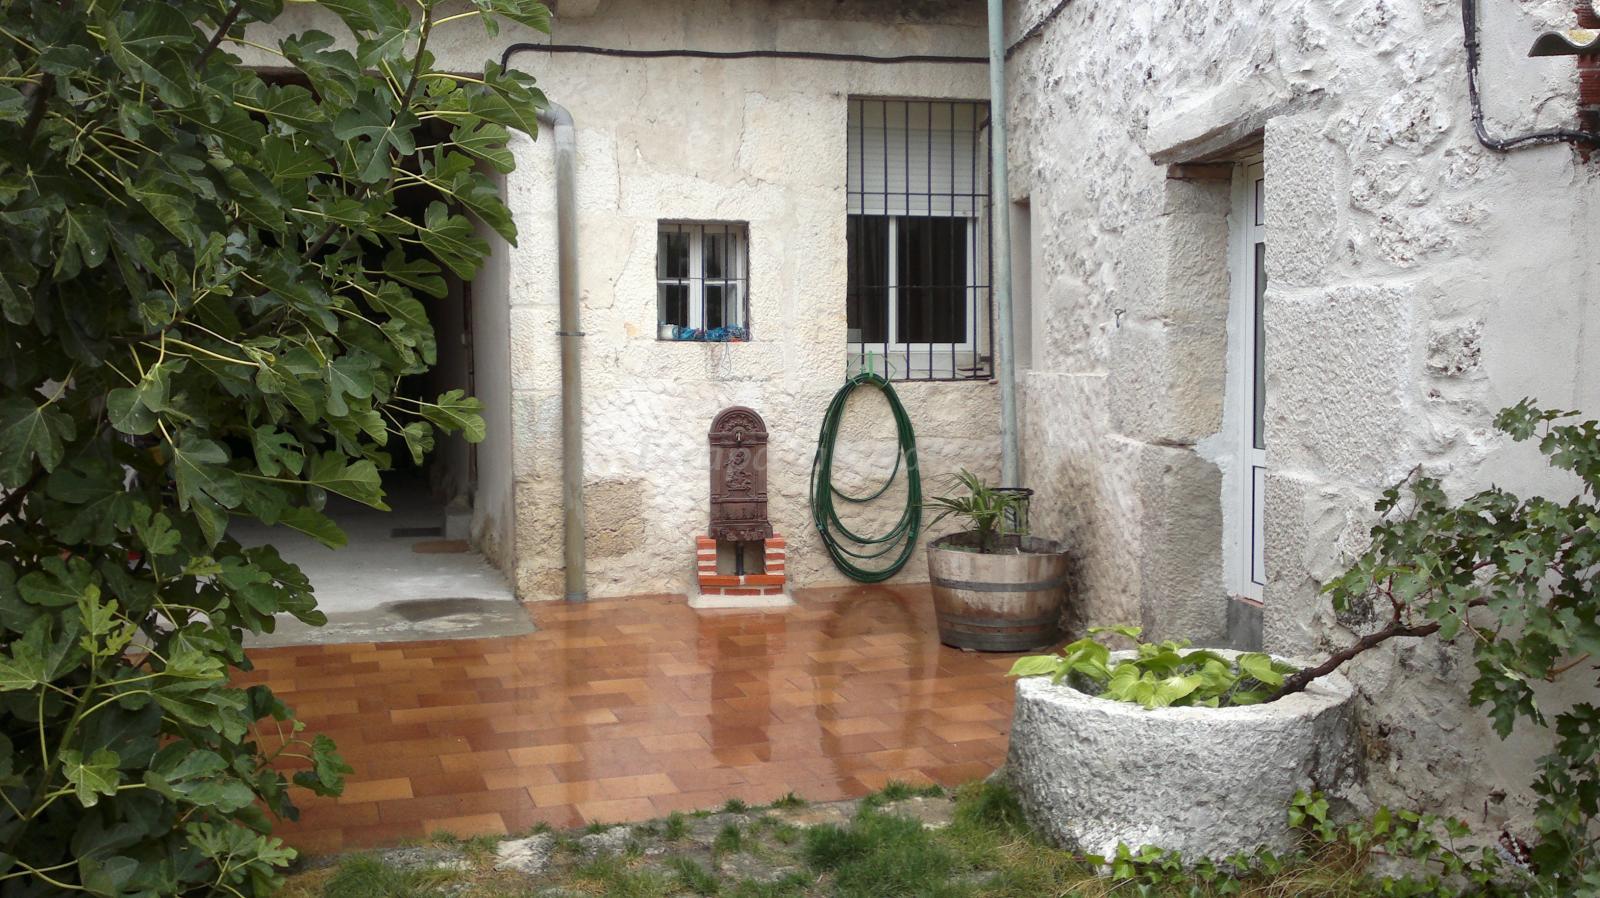 Fotos de la higuera casa rural en olombrada segovia - Casa rural la higuera ...